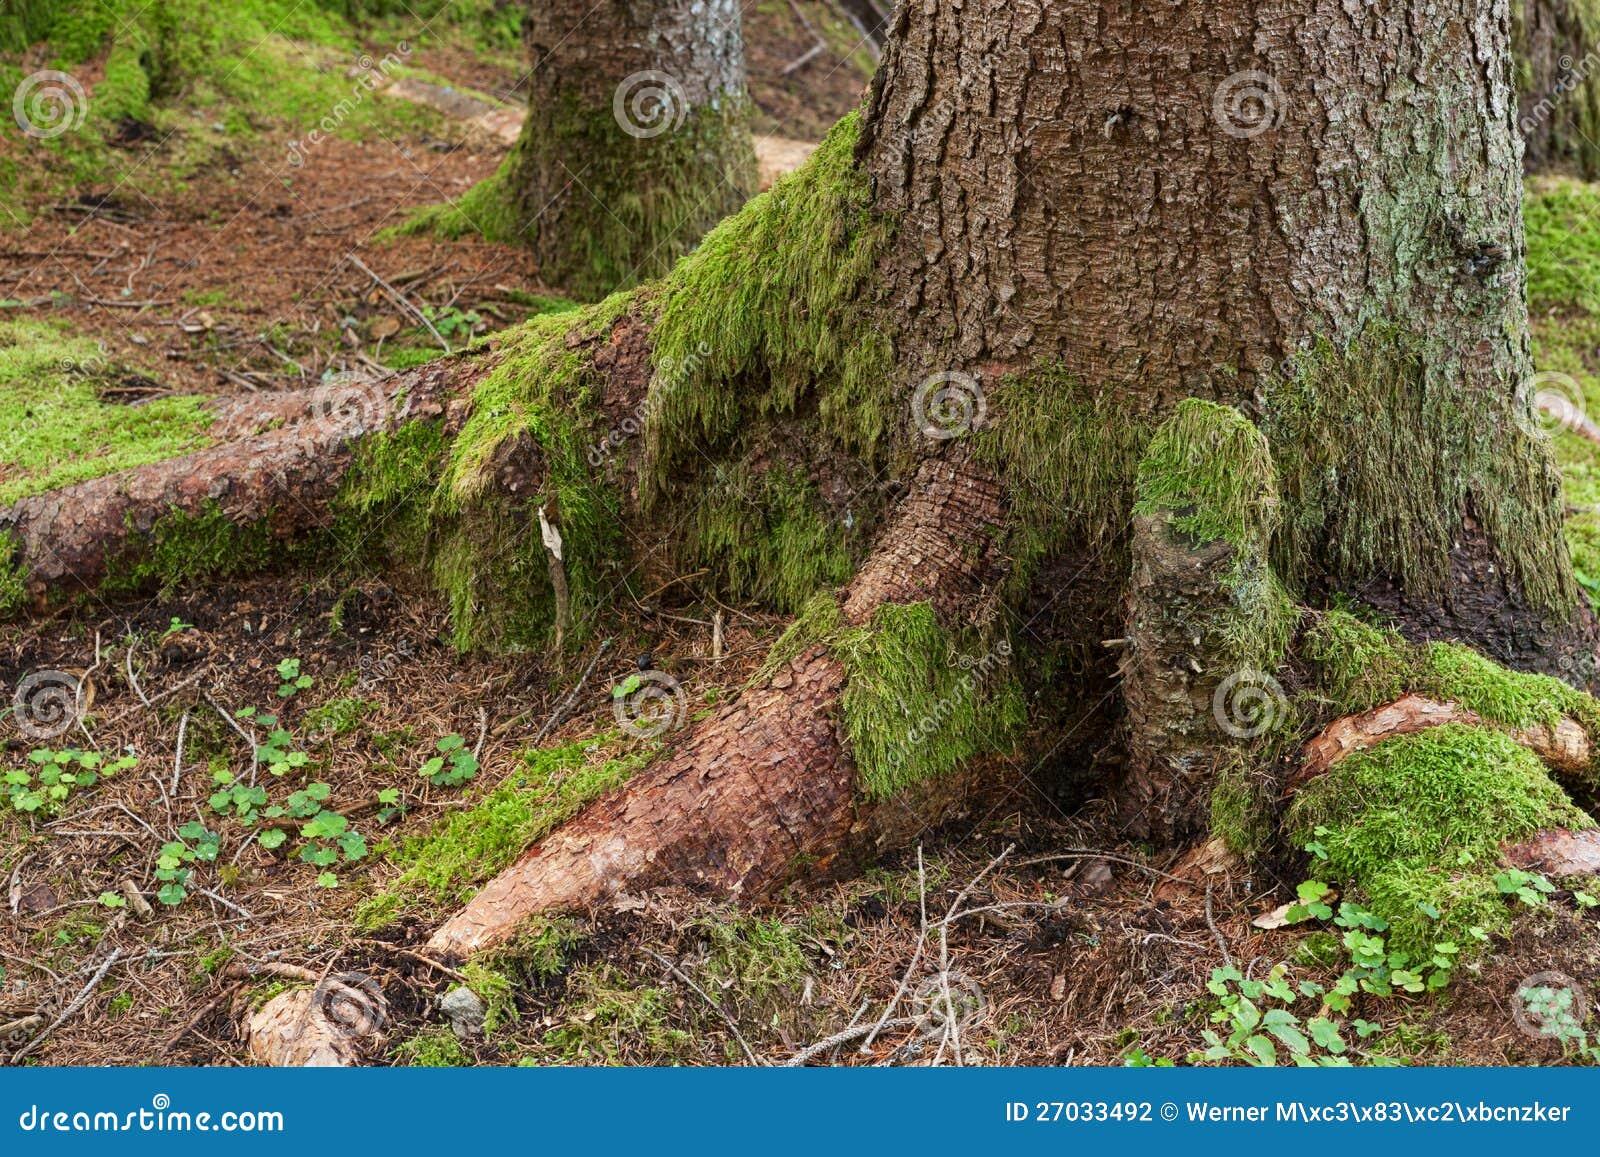 Joncteur r seau d 39 arbre avec de la mousse verte - Mousse sur les arbres ...